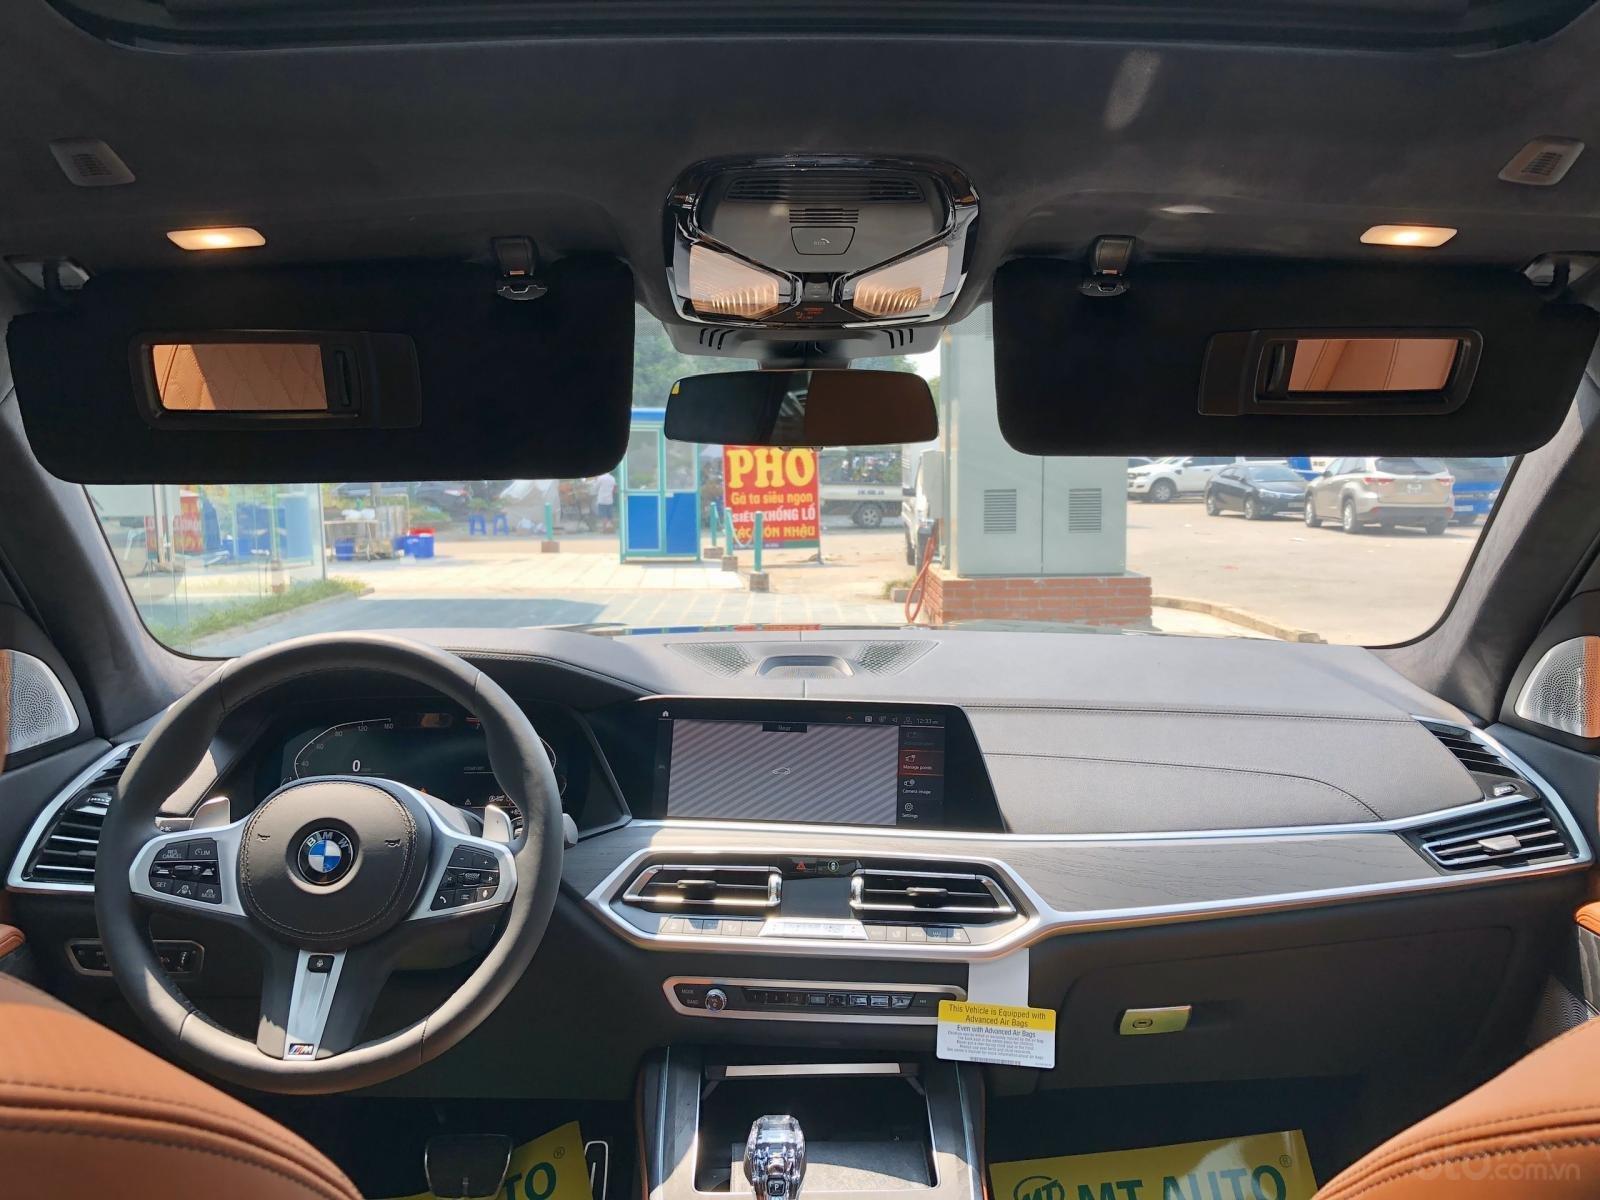 Bán BMW X7 XDrive40i M-Sport sản xuất năm 2019 full kịch option, màu đen, xe nhập Mỹ, mới 100% giao ngay, LH 0982.84.2838 (19)